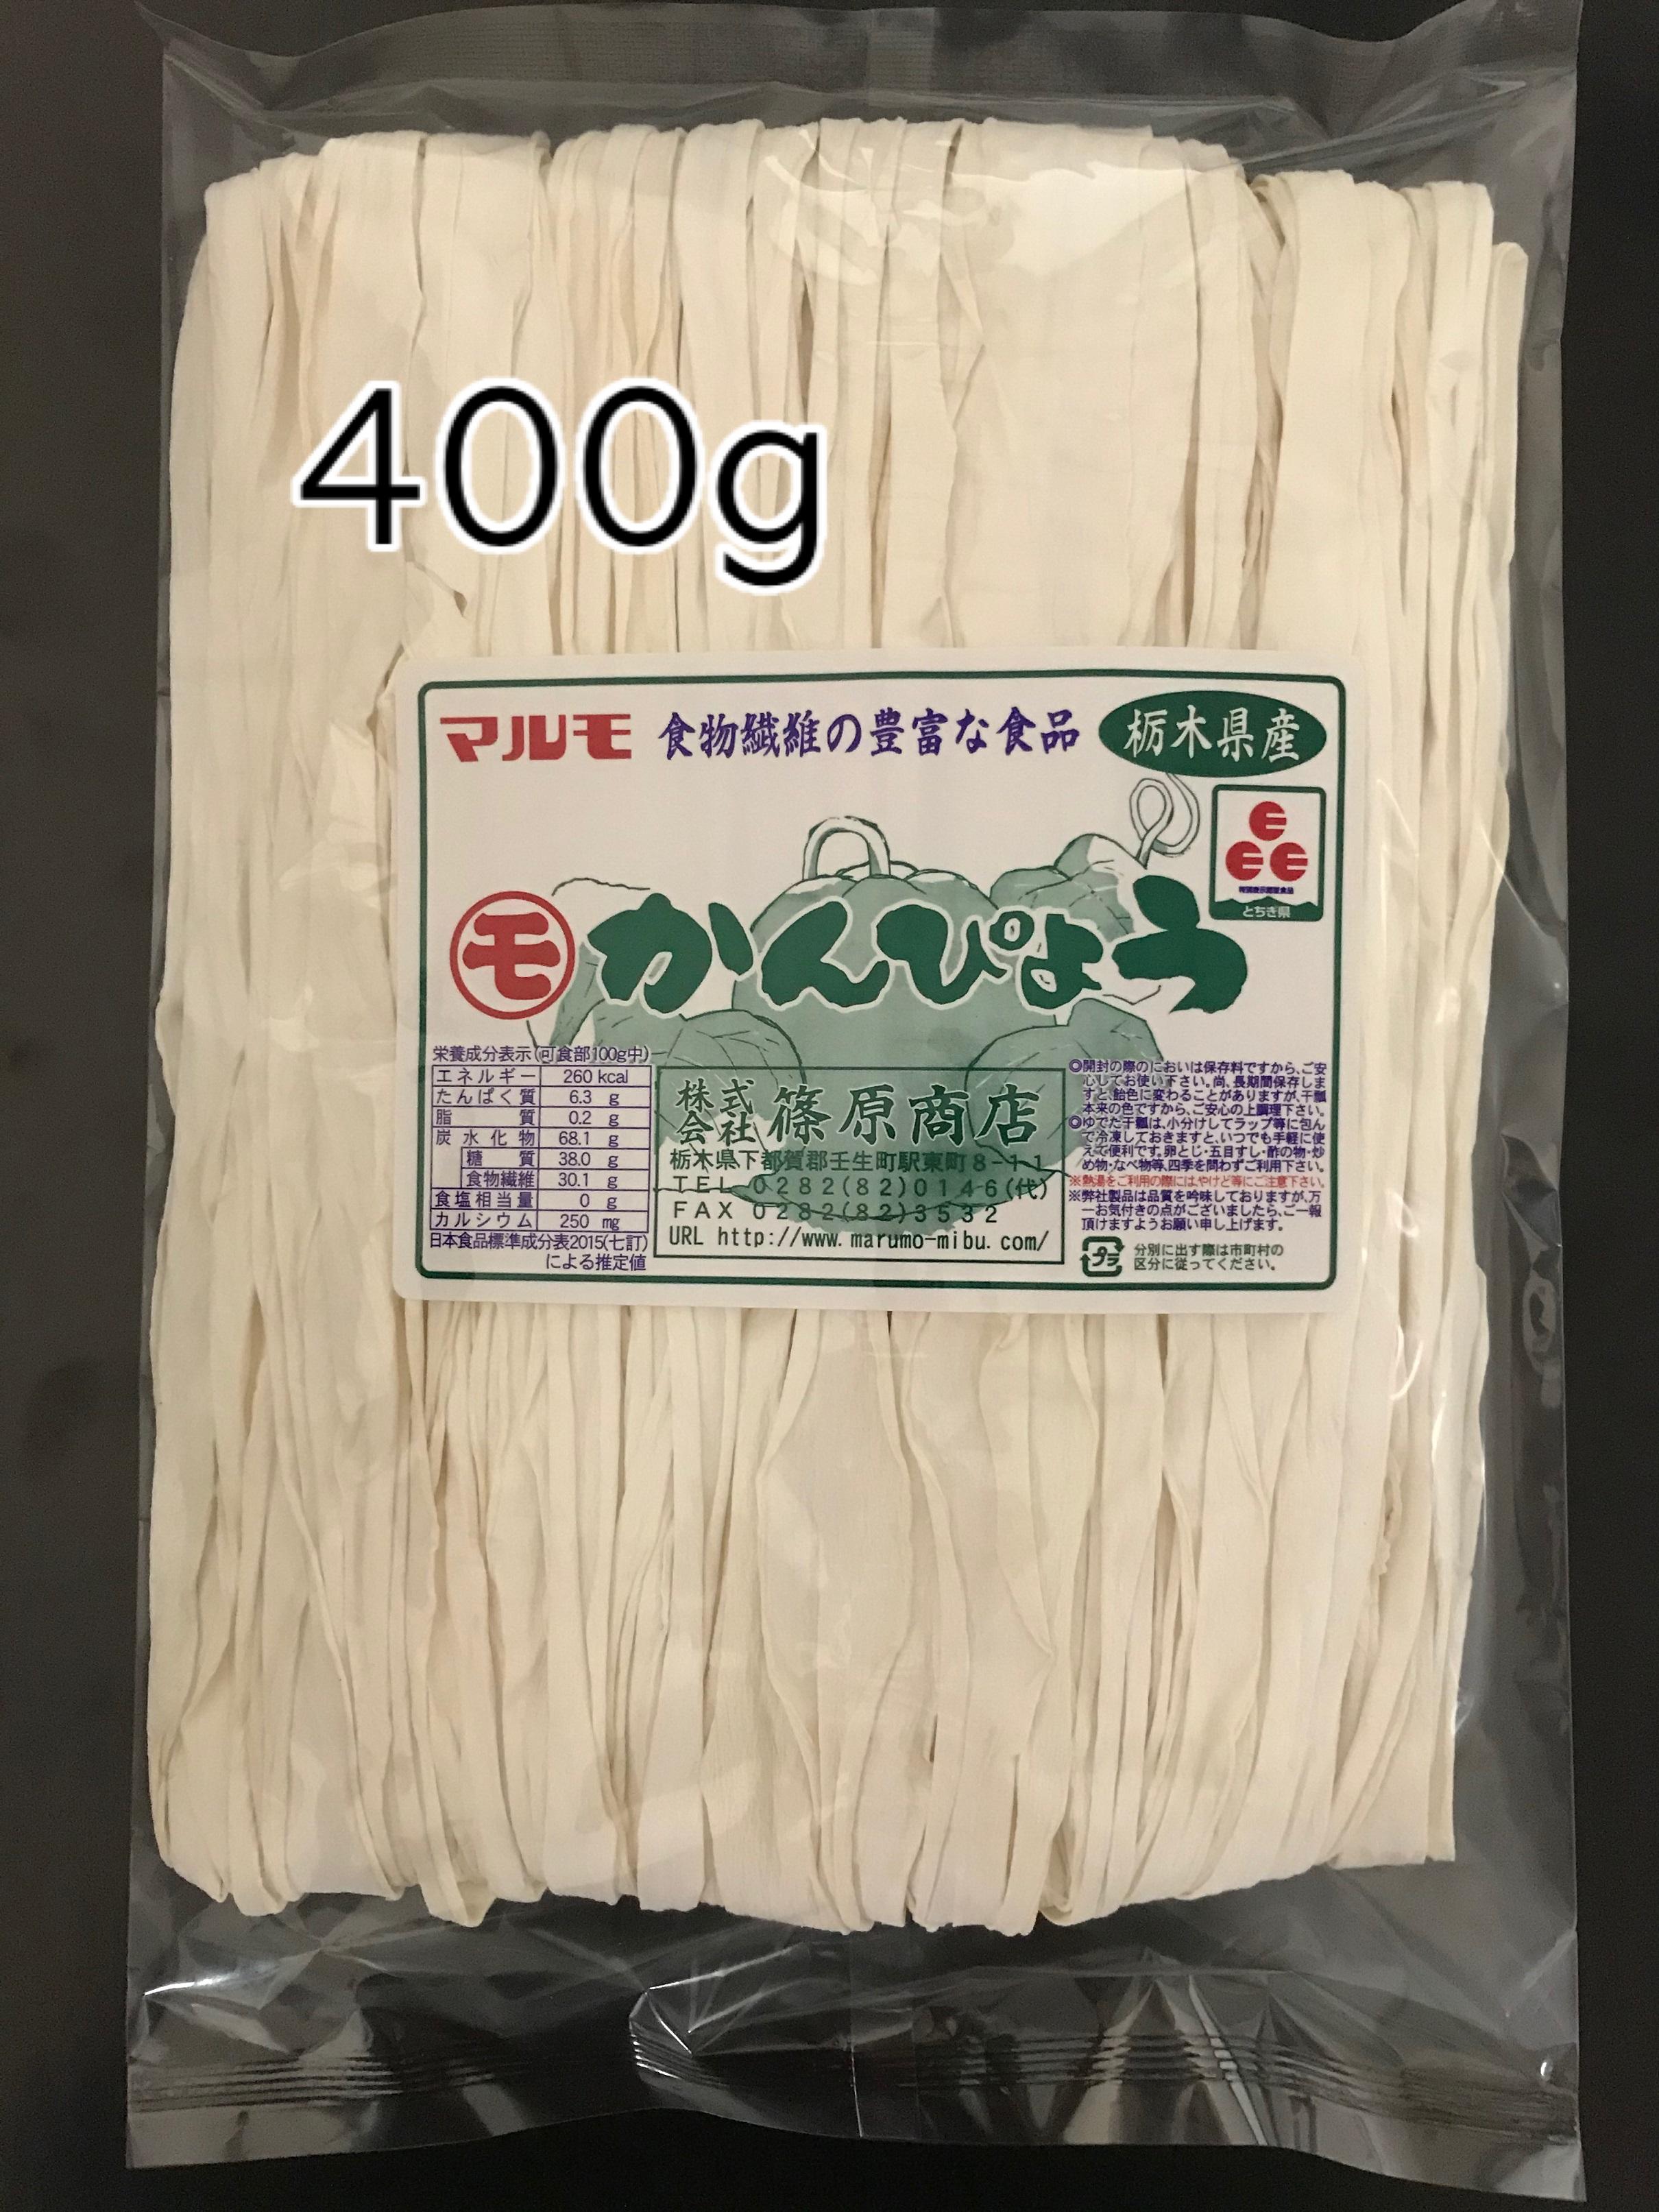 栃木県産かんぴょう400g